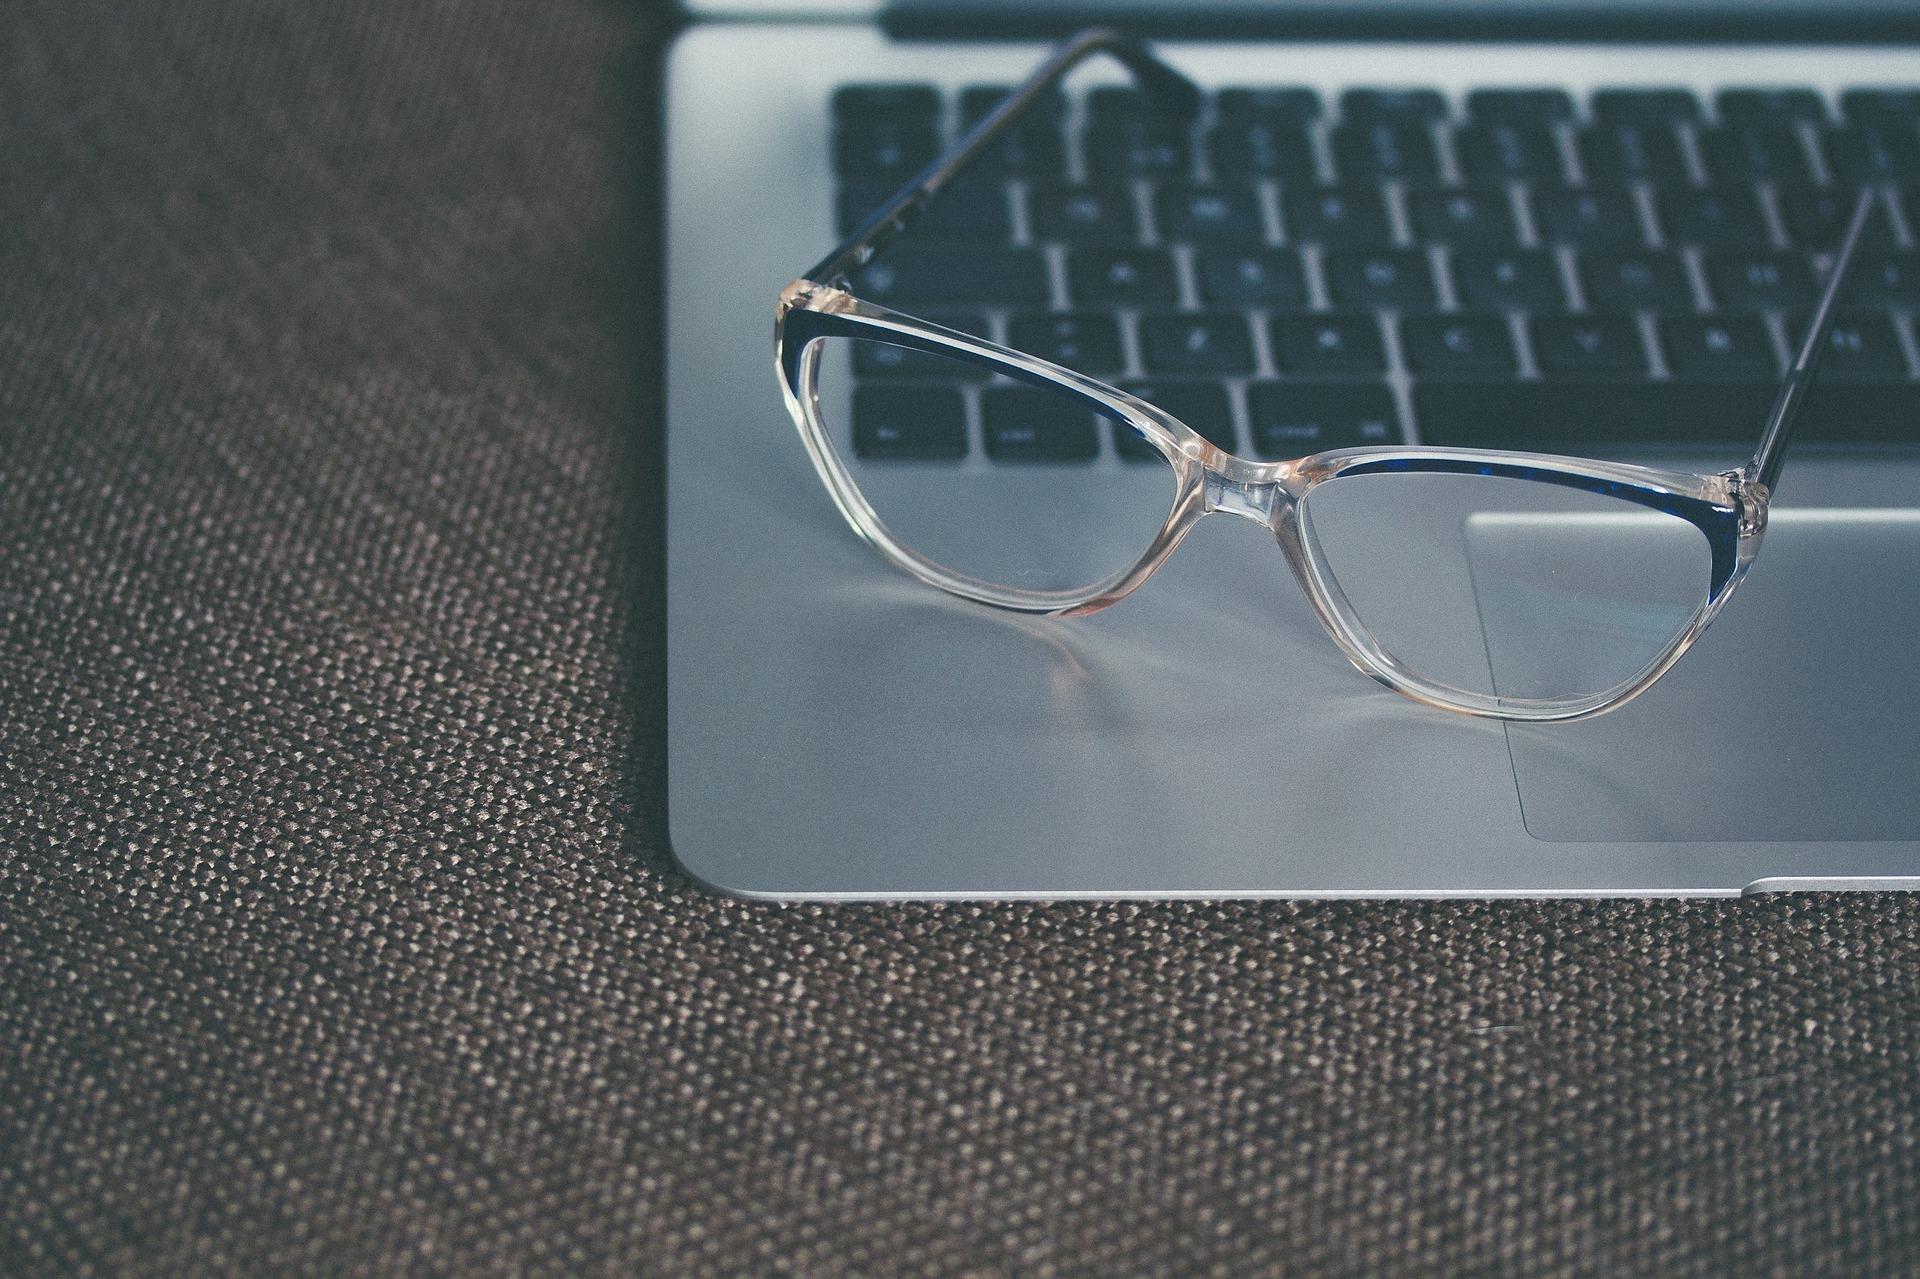 eyeglasses 1245879 1920 Como Ganar Dinero Chateando con Extranjeros Online Las Mejores Formas de Ganar Dinero